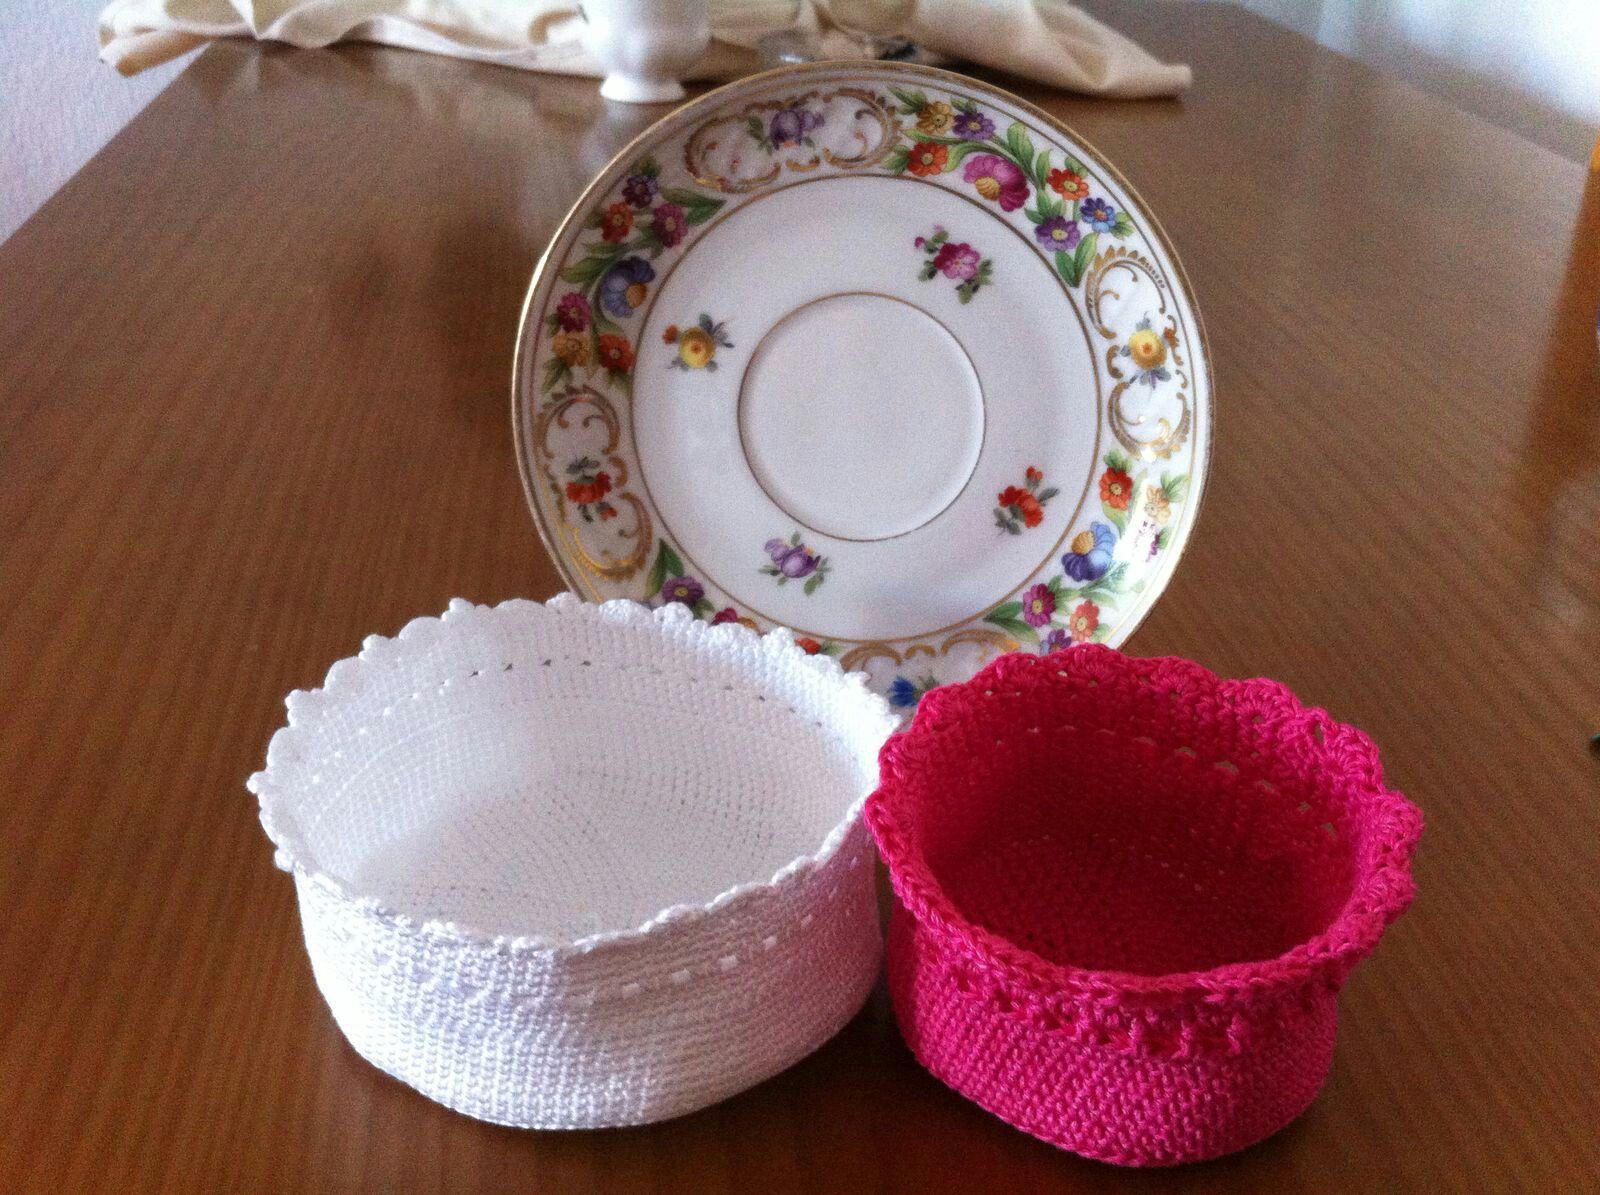 Cestitas  crochet en color blanco y fucsia .Para decorar habitacion niña .